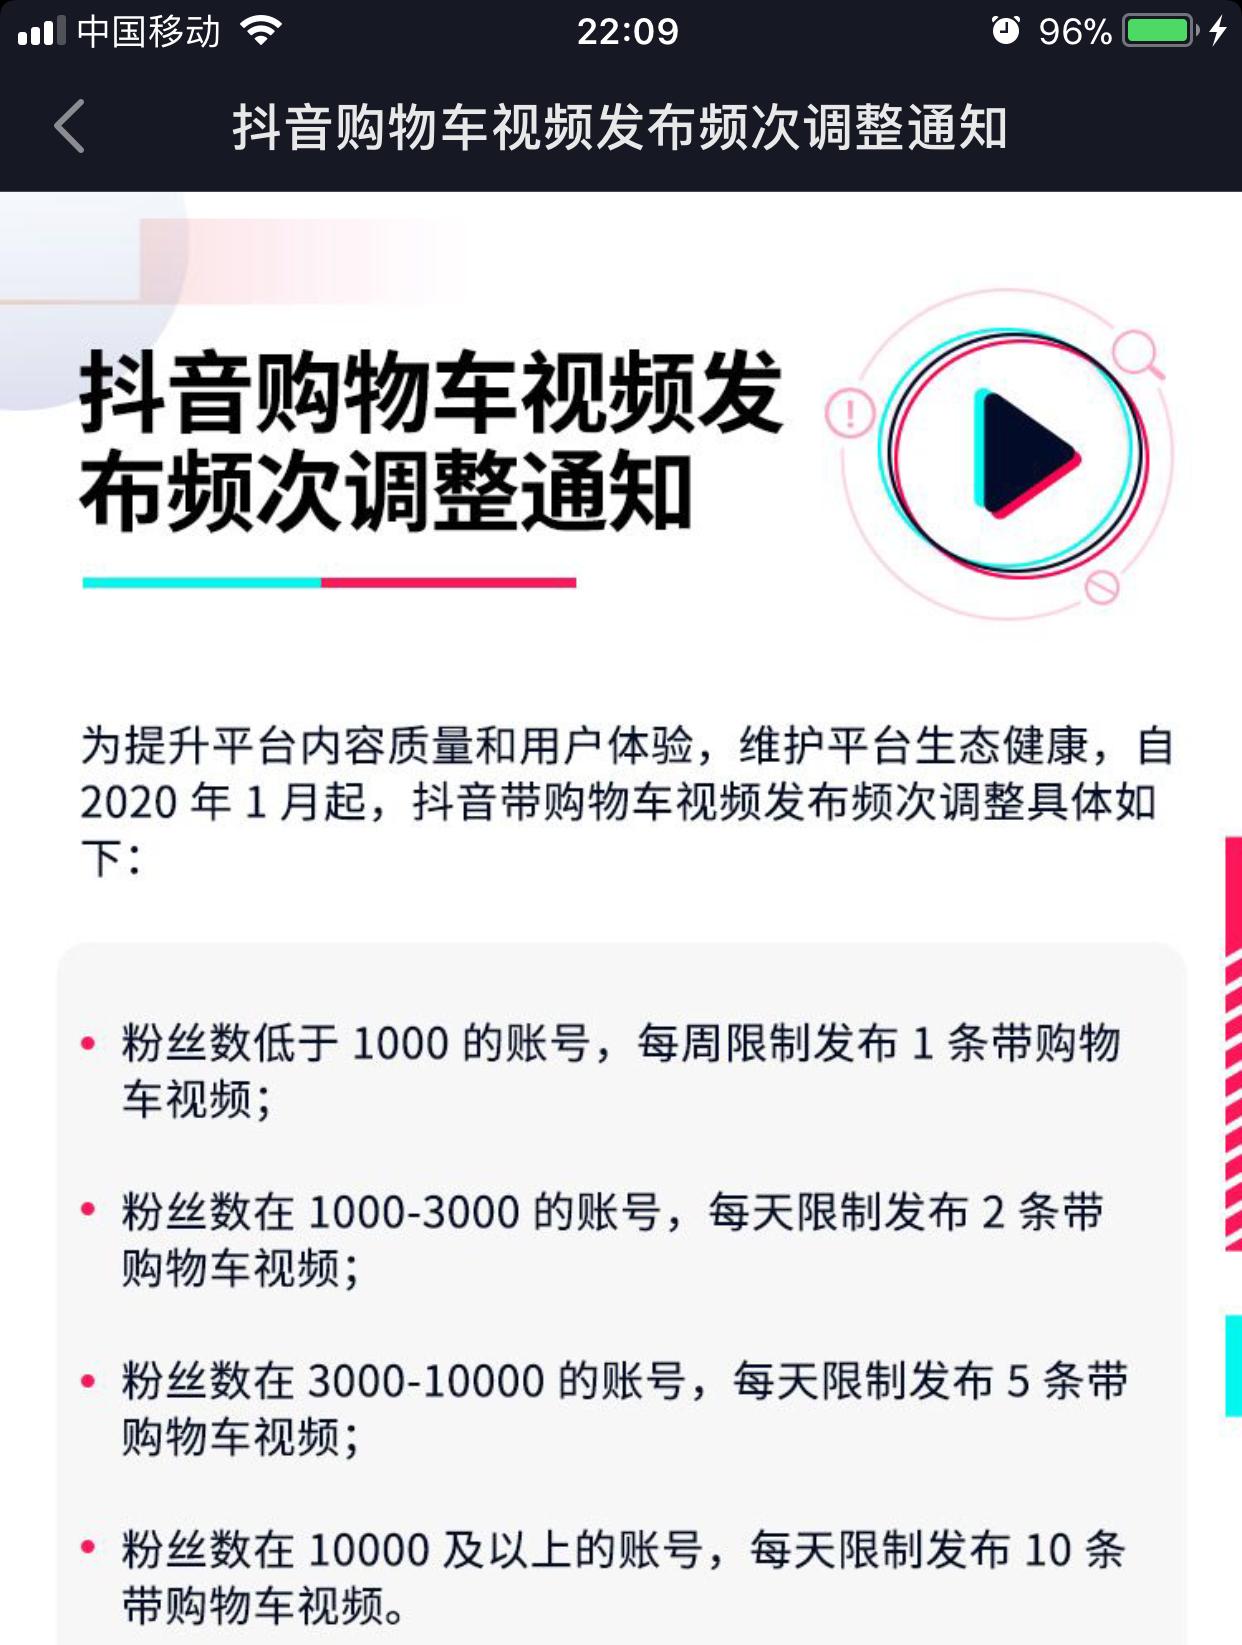 陈松松:解读2020年抖音带货最新规则